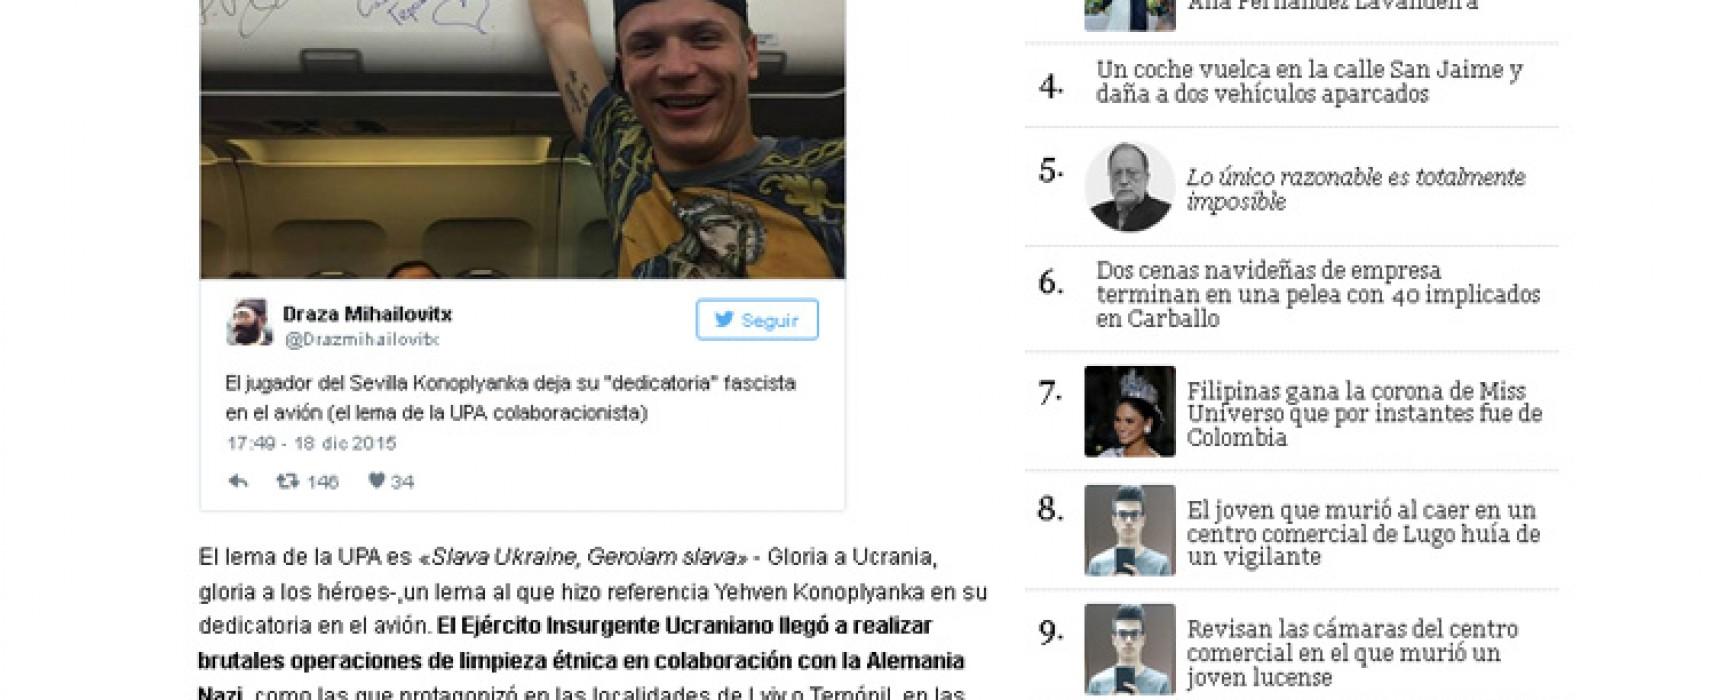 """Un medio español publicó la nota sobre el futbolista """"fascista"""" Konoplyanka"""